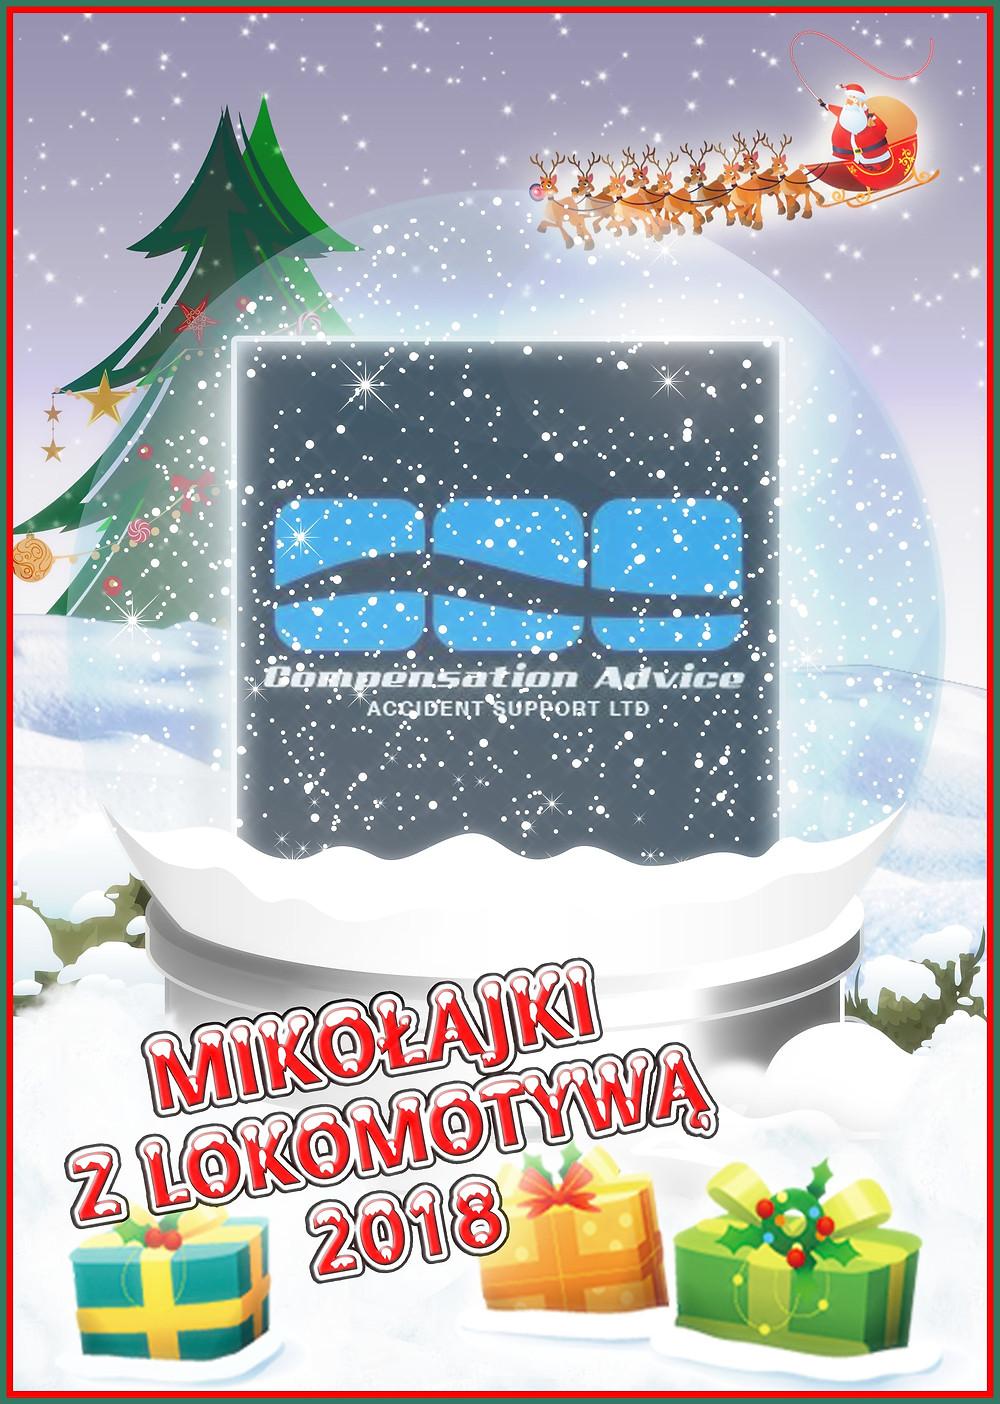 Sponsor dodatkowych Niespodzianek w Mikołajkach z Lokomotywą 2018